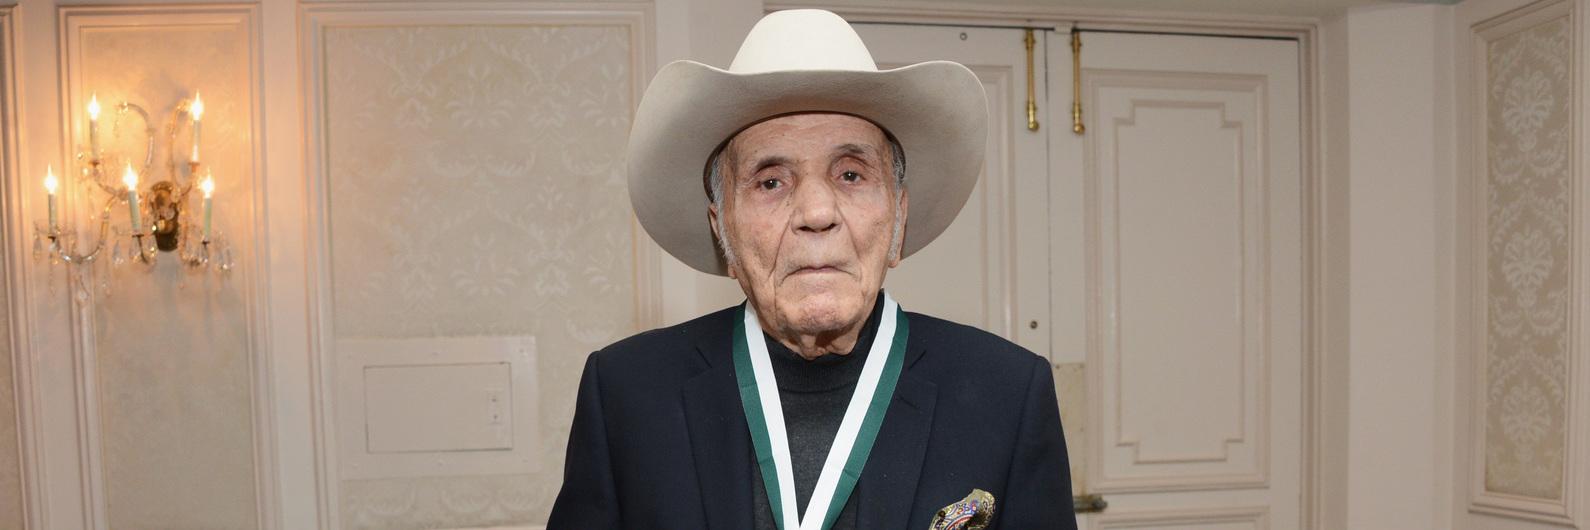 Jake LaMotta: Lenda do boxe morre aos 95 anos